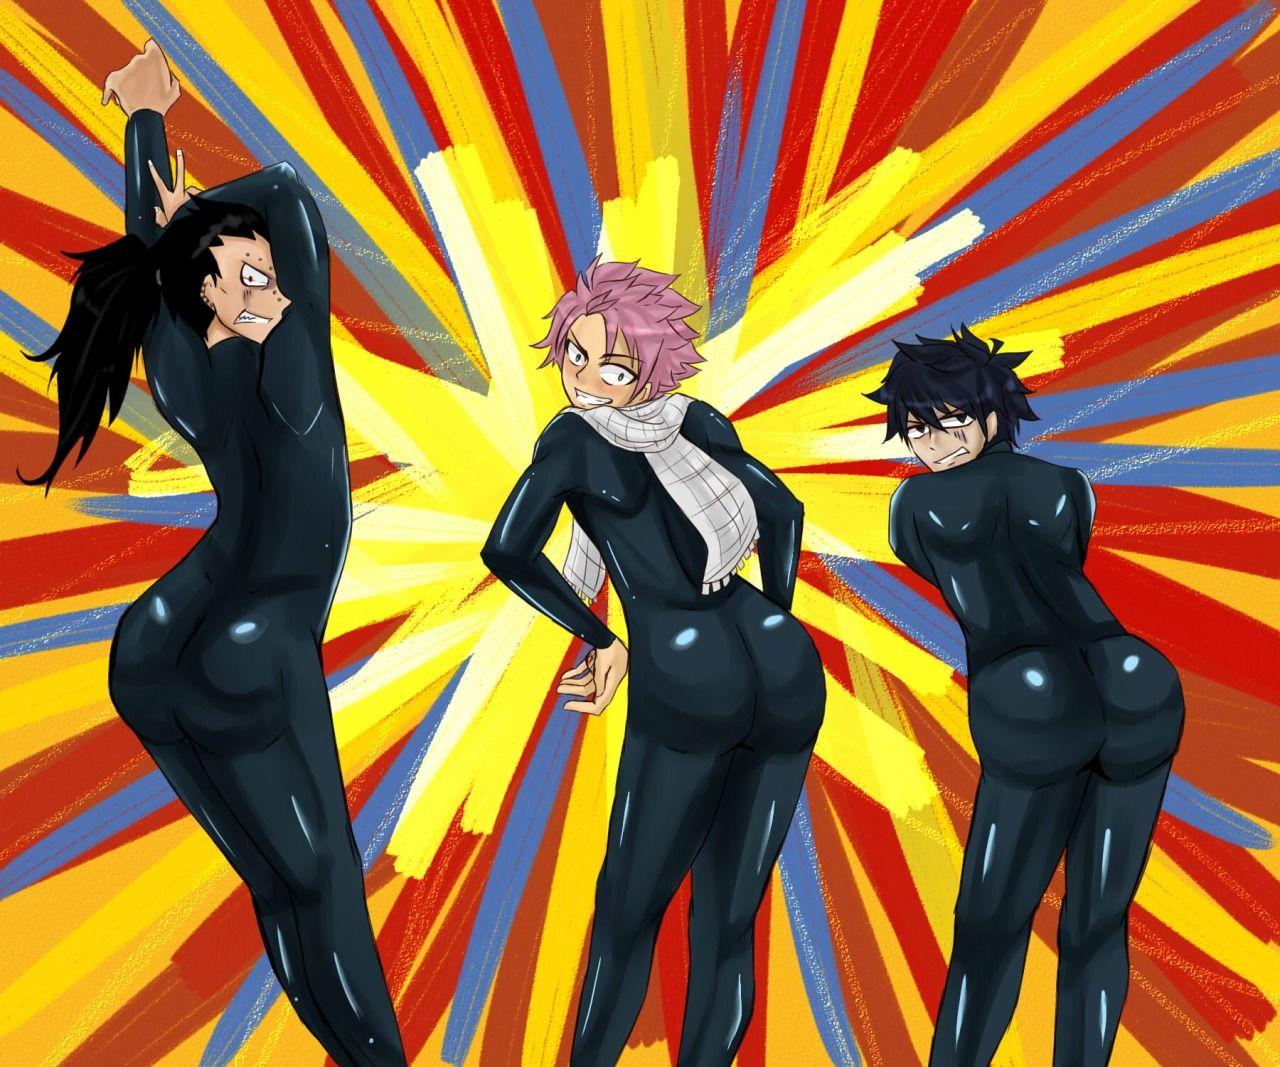 Gajeel, Natsu, & Gray as the Jiggle Butt Gang